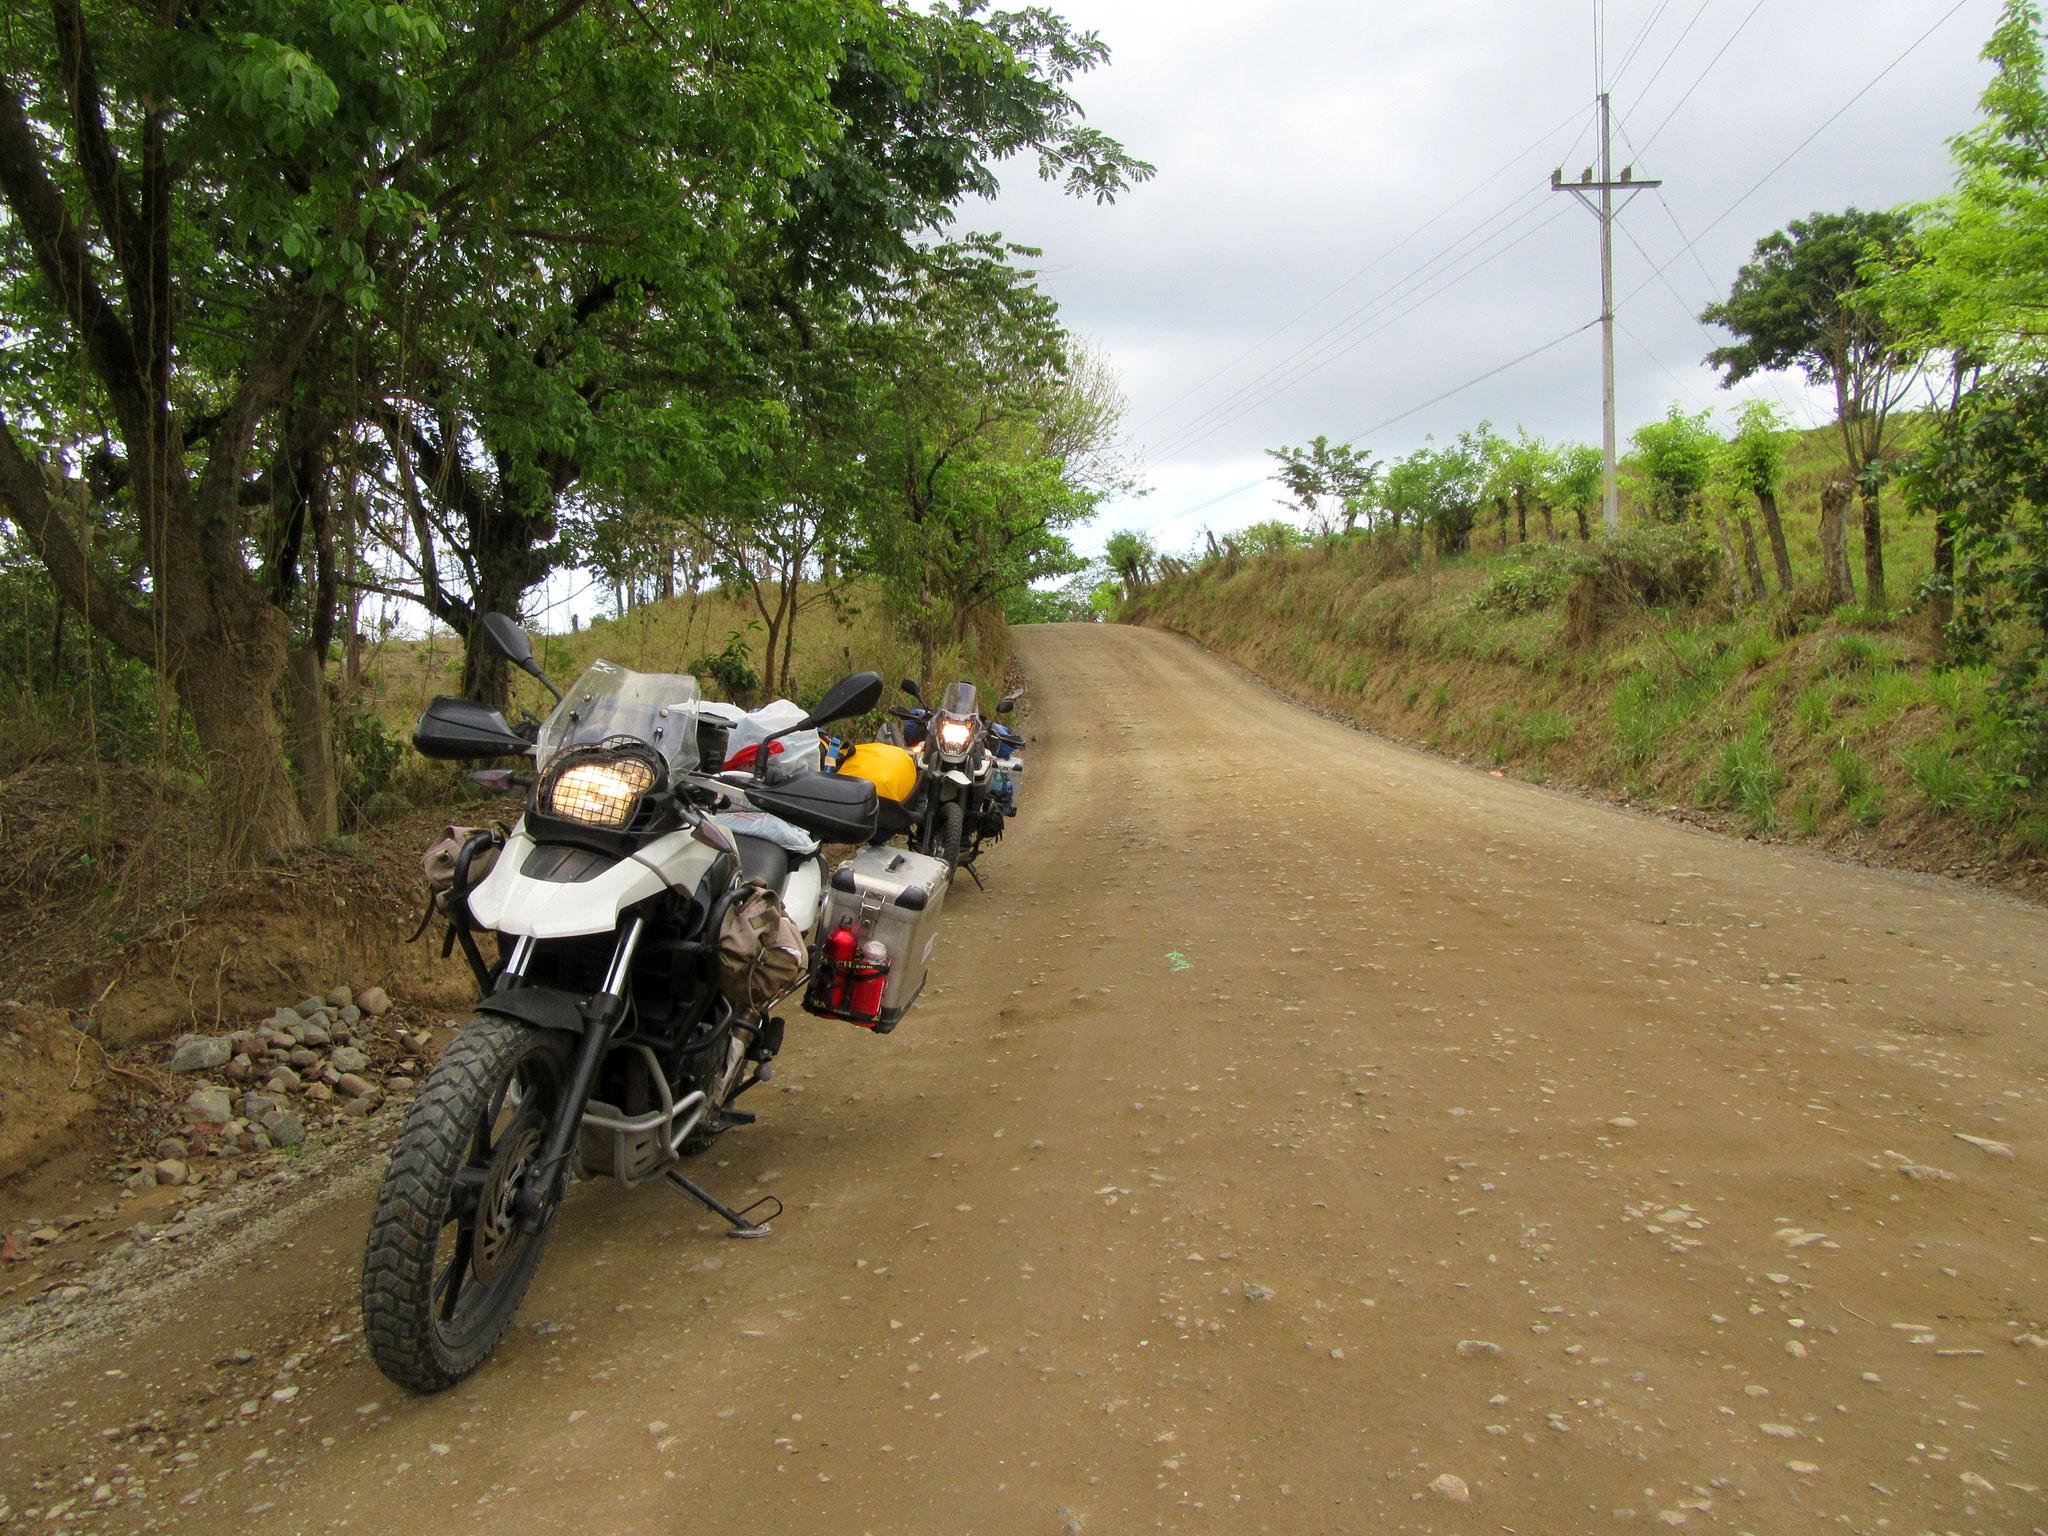 Fahrt nach Santa Teresa